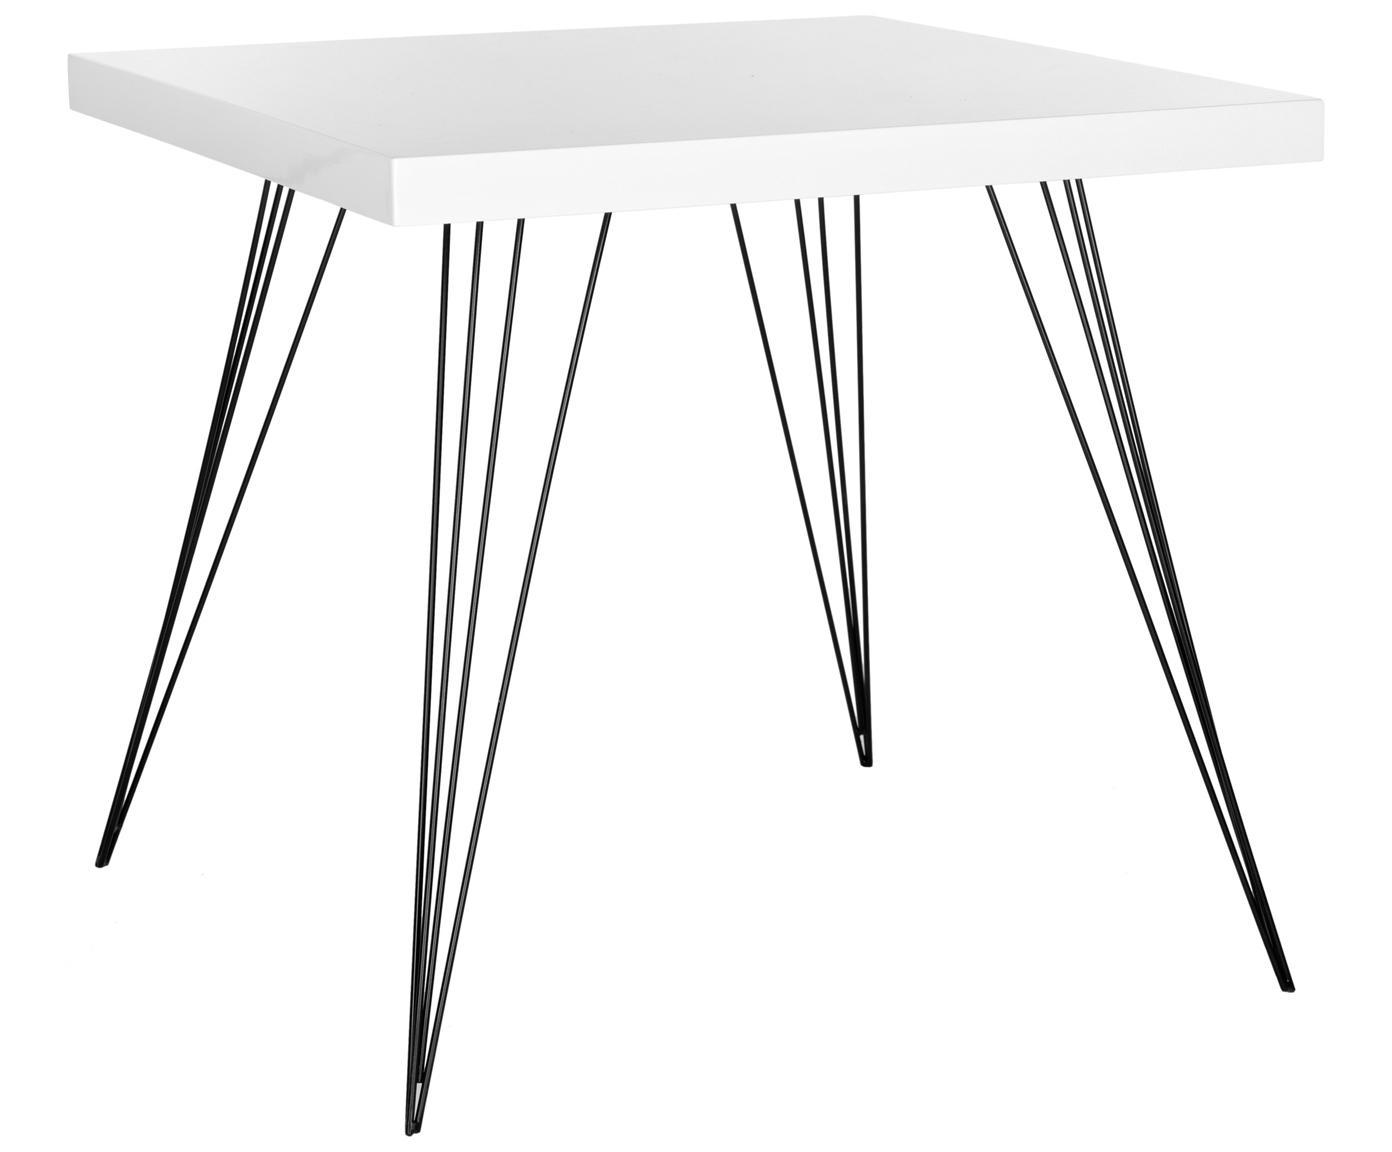 Kleine vierkante eettafel Wolcott met metalen poten, Tafelblad: MDF, Poten: gelakt ijzer, Wit, zwart, B 80 x D 80 cm